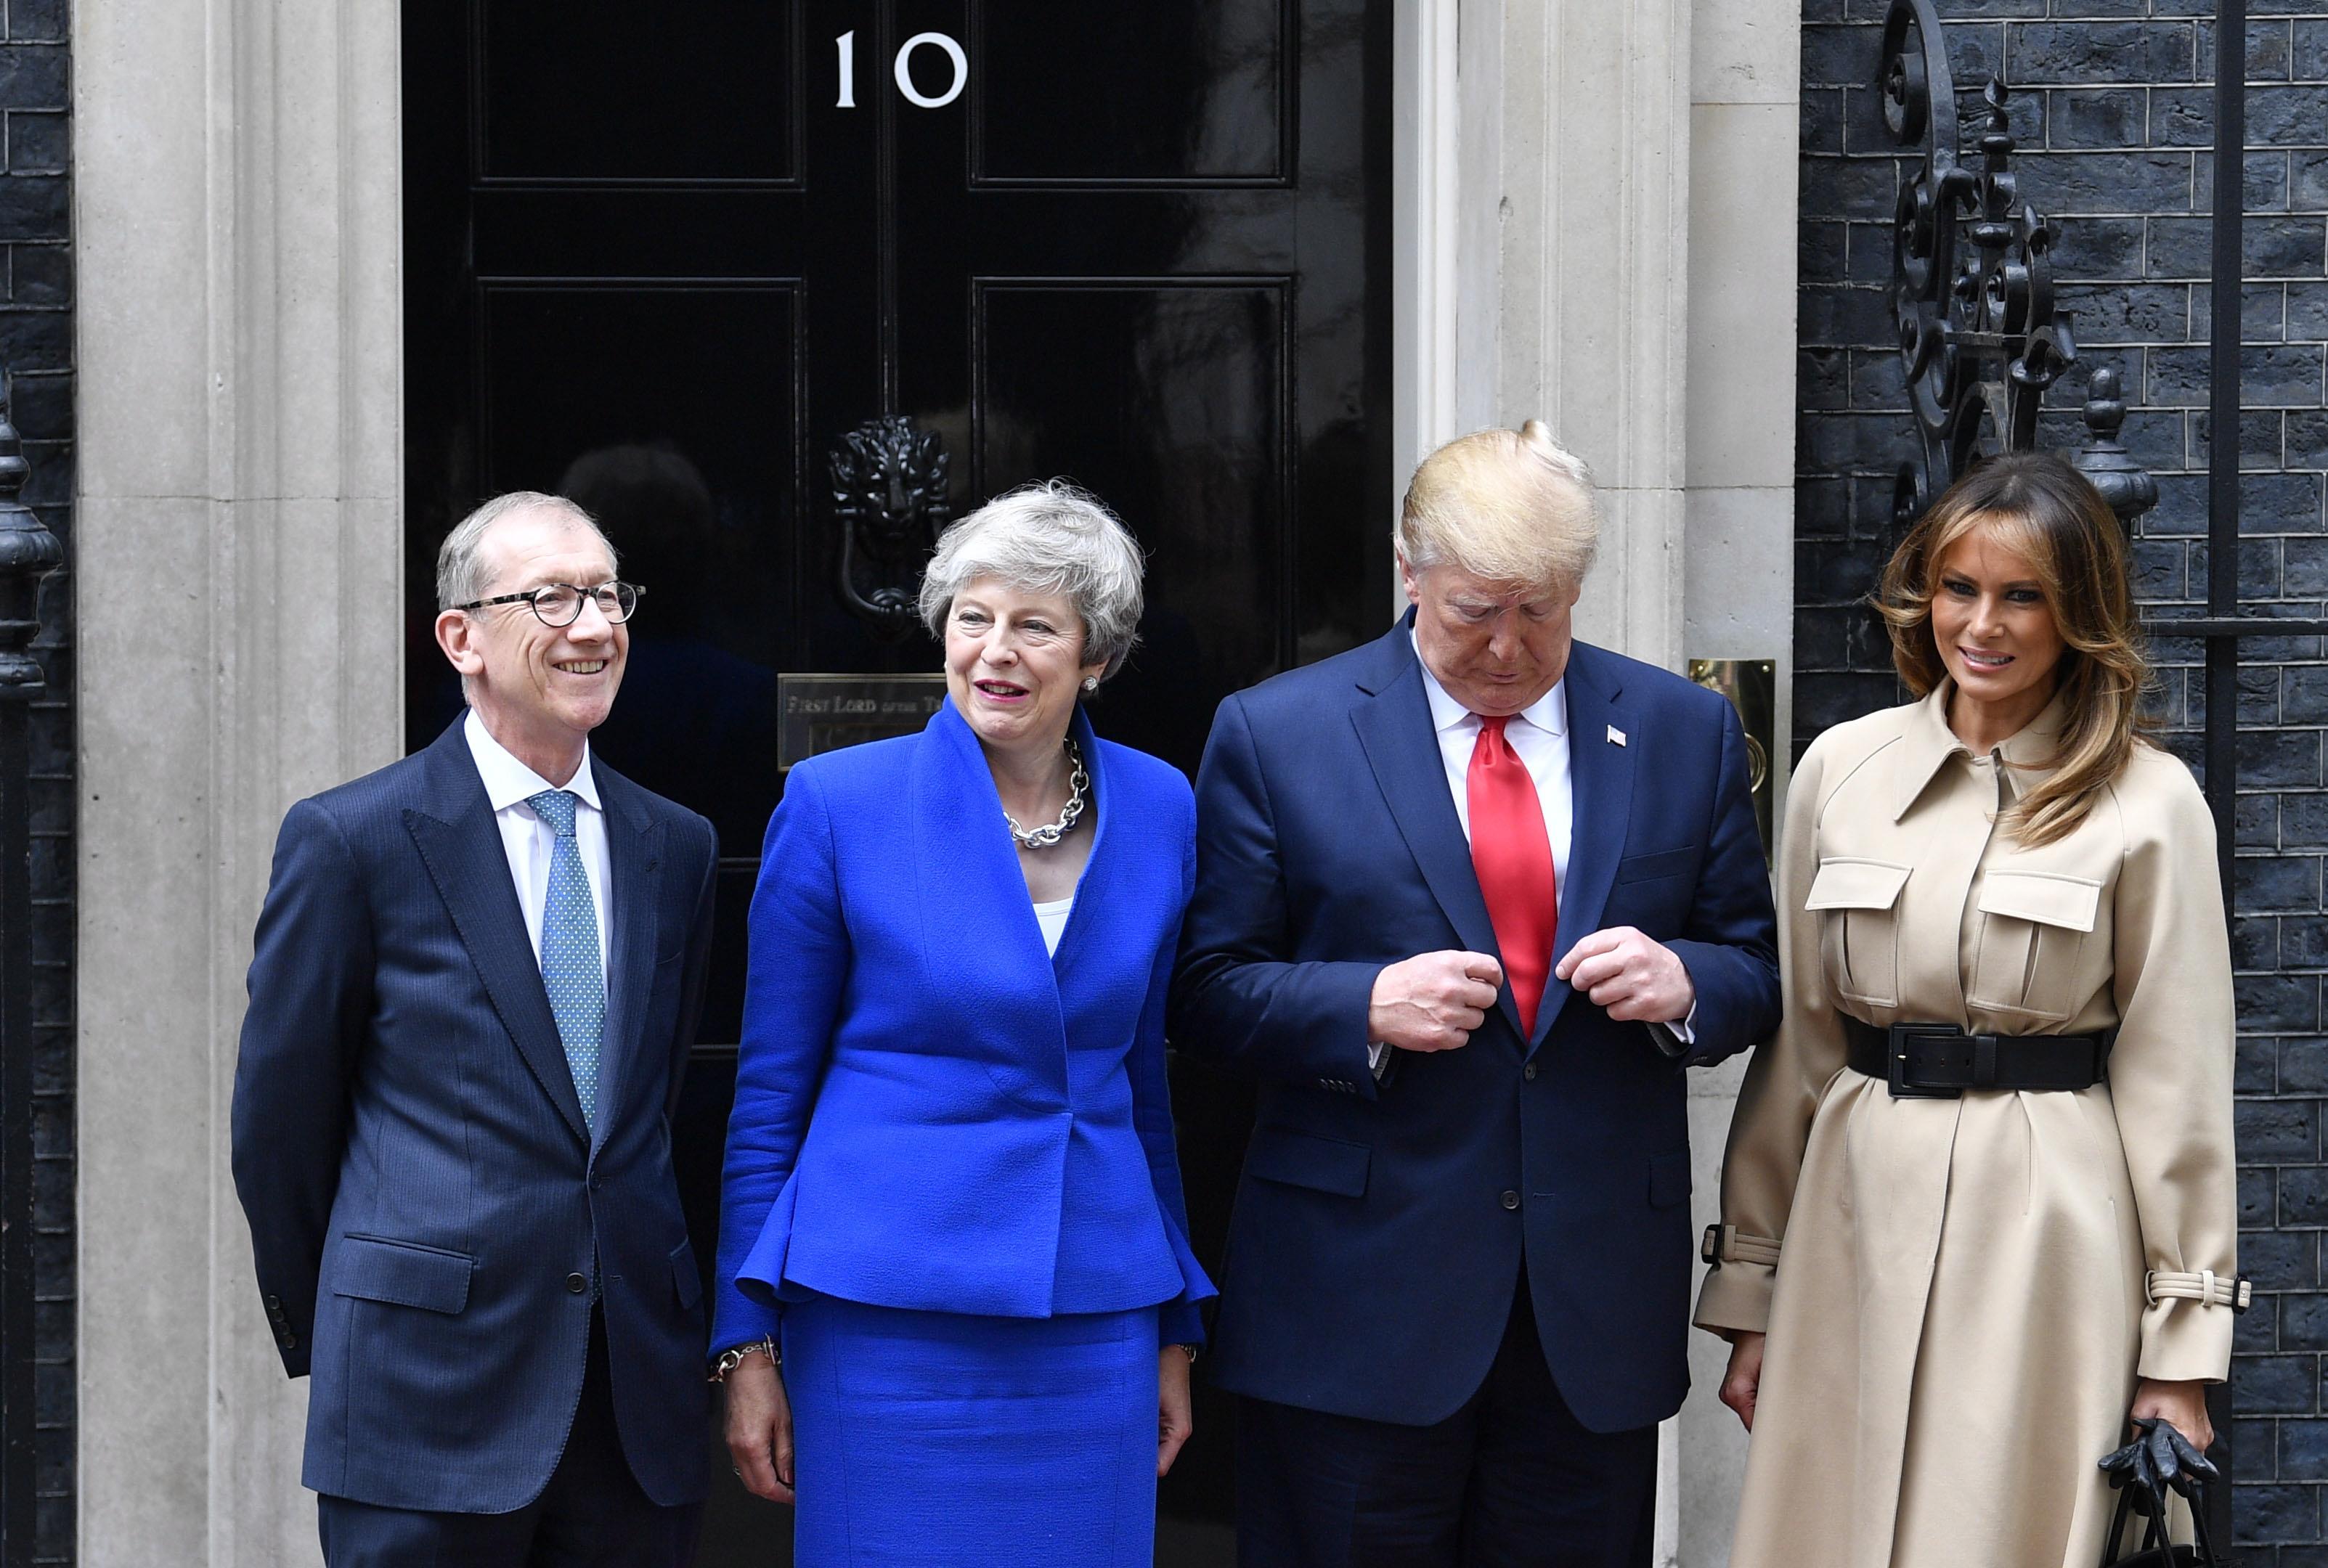 """Доналд Тръмп изрази подкрепа за Брекзит и каза, че след това САЩ и Великобритания могат да сключат """"феноменална търговска сделка"""""""